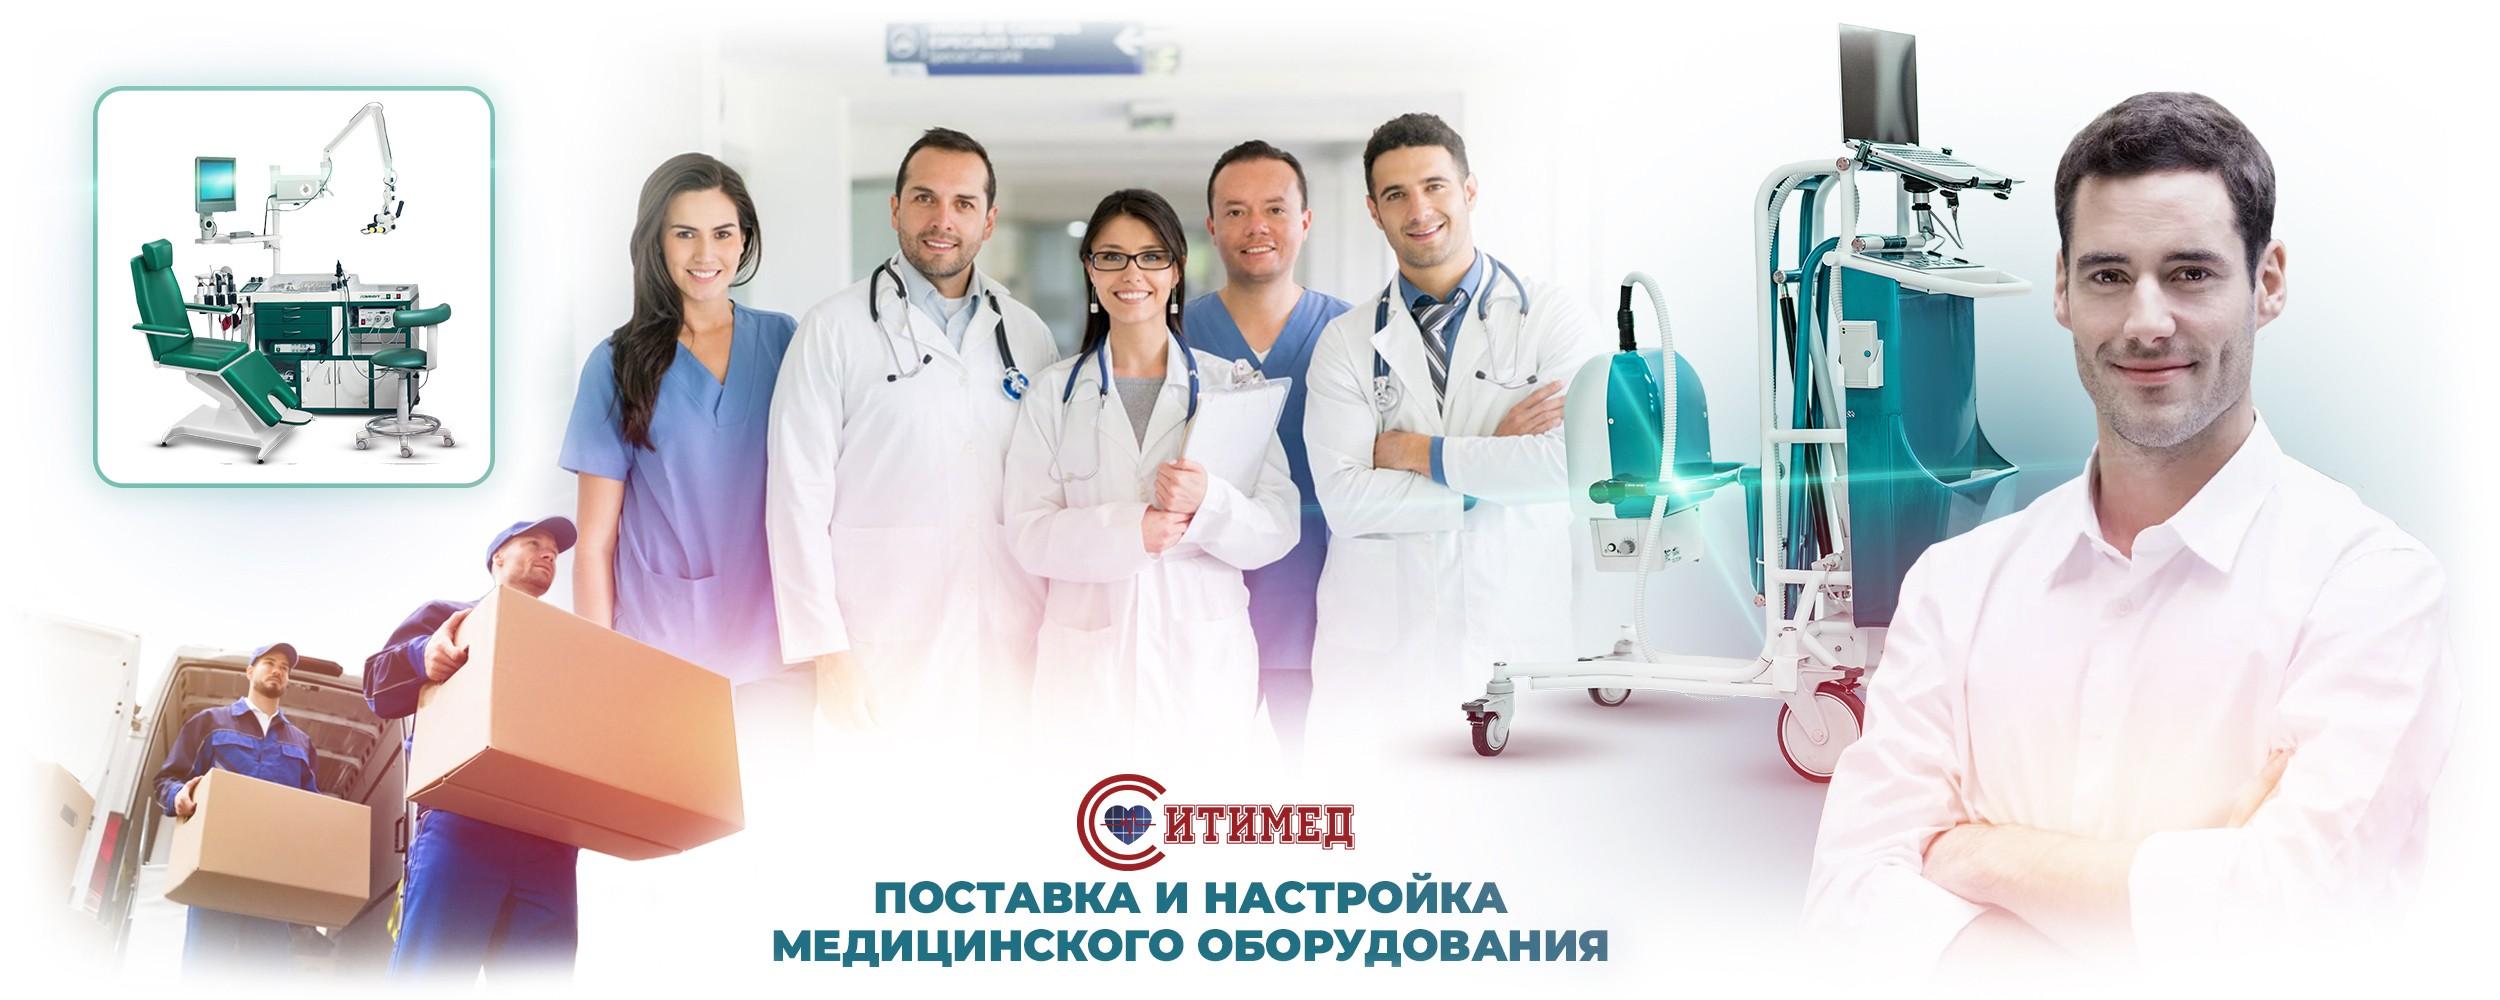 Поставки медицинского оборудования в ЛУ